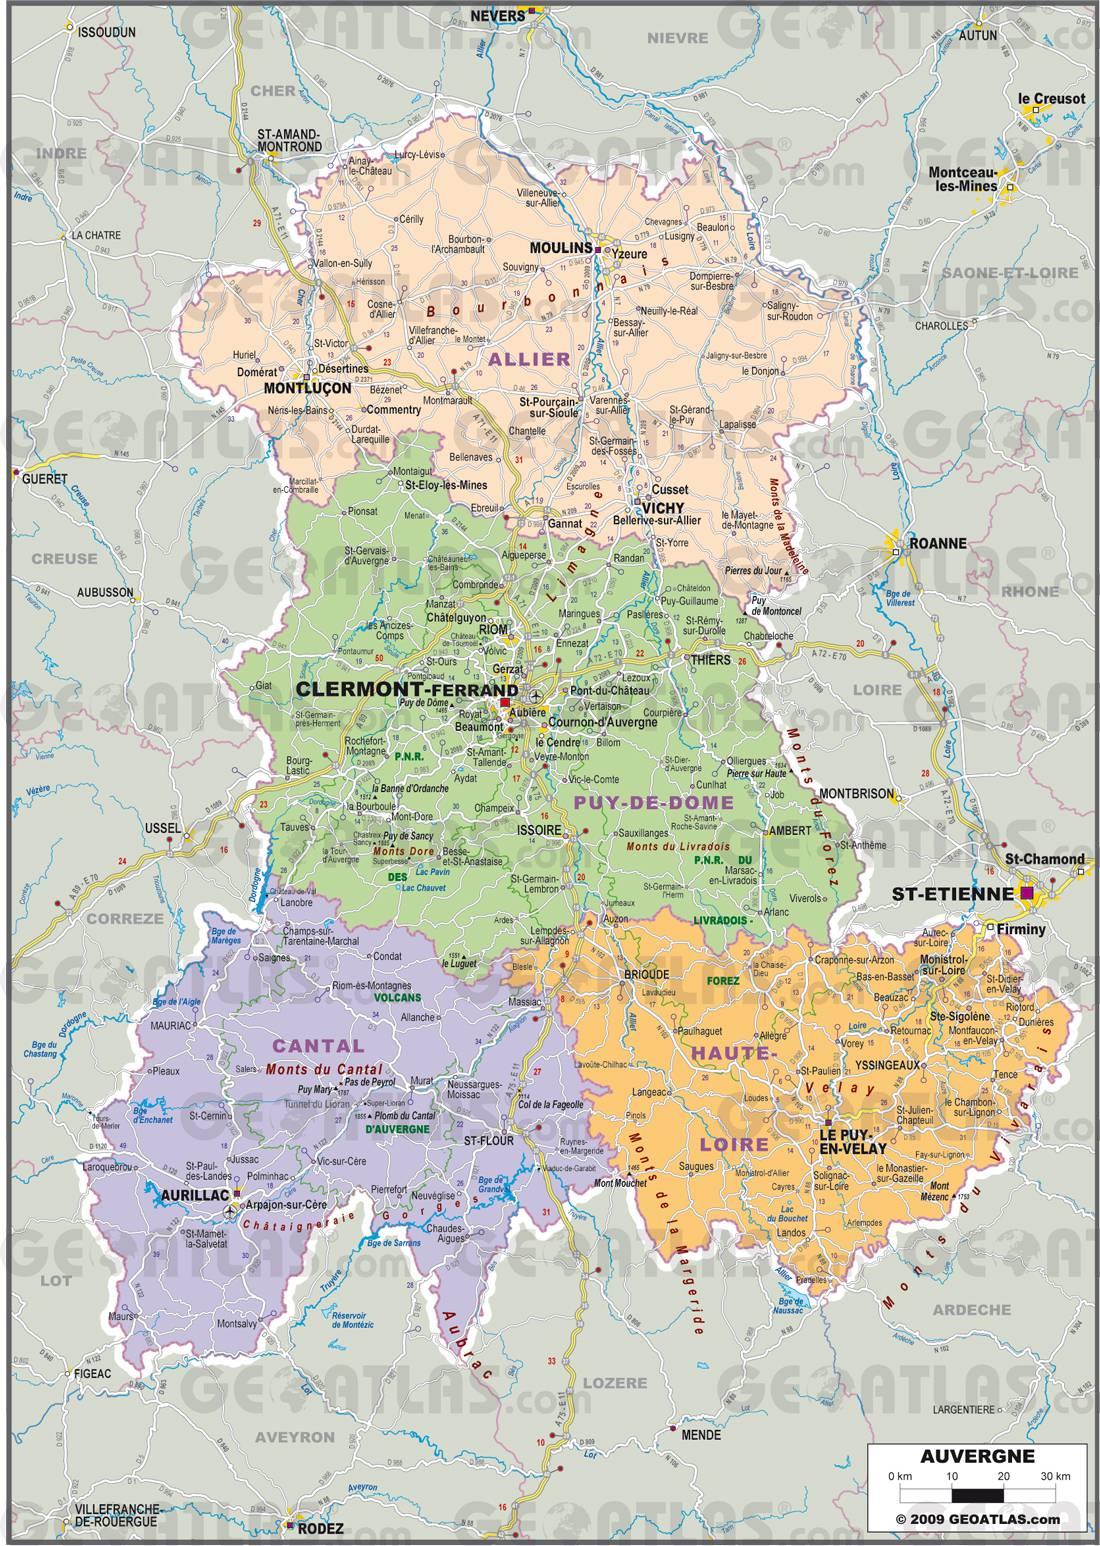 Carte administrative de l'Auvergne